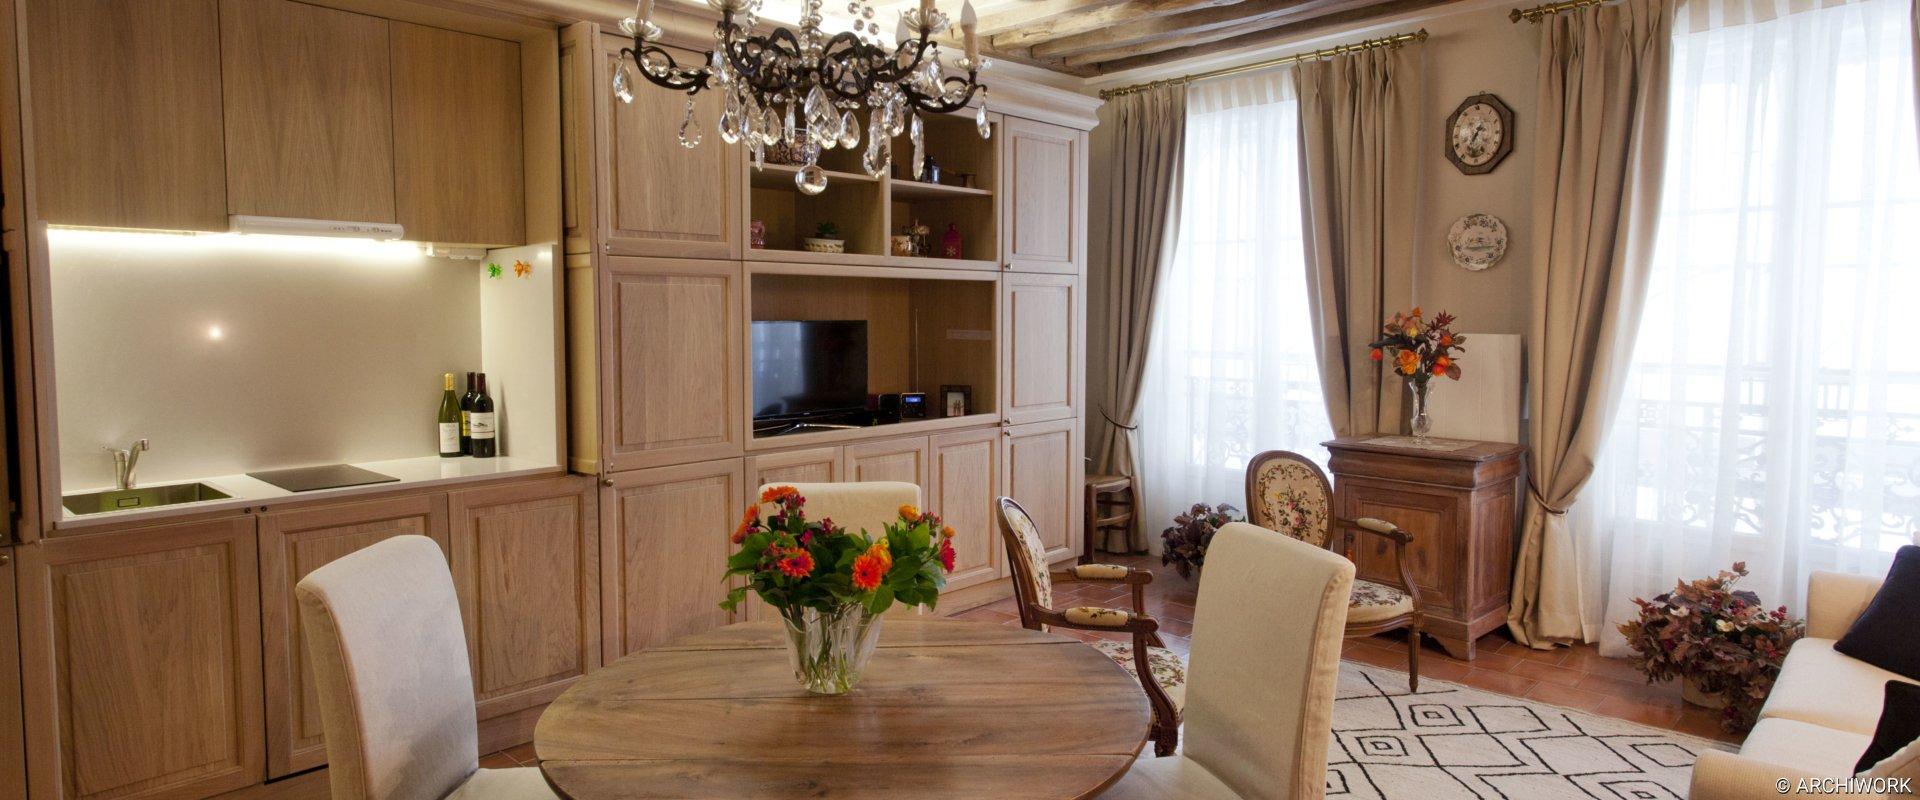 ARCHIWORK Appartement Rue Grenier Saint Lazare. Vittoria Rizzoli architecte.